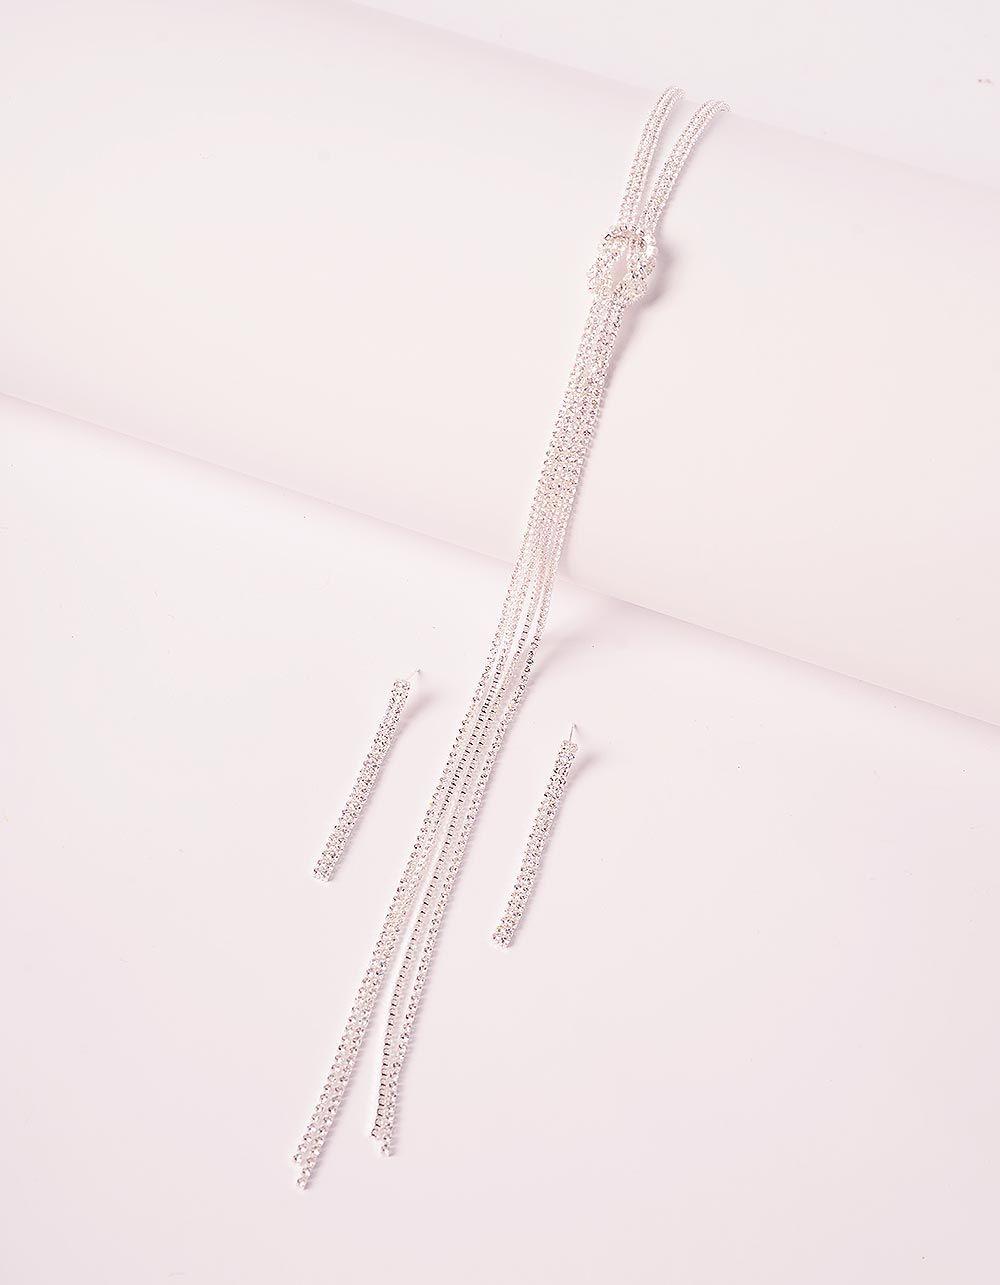 Комплект із підвіски та сережок з камінцями | 240191-06-XX